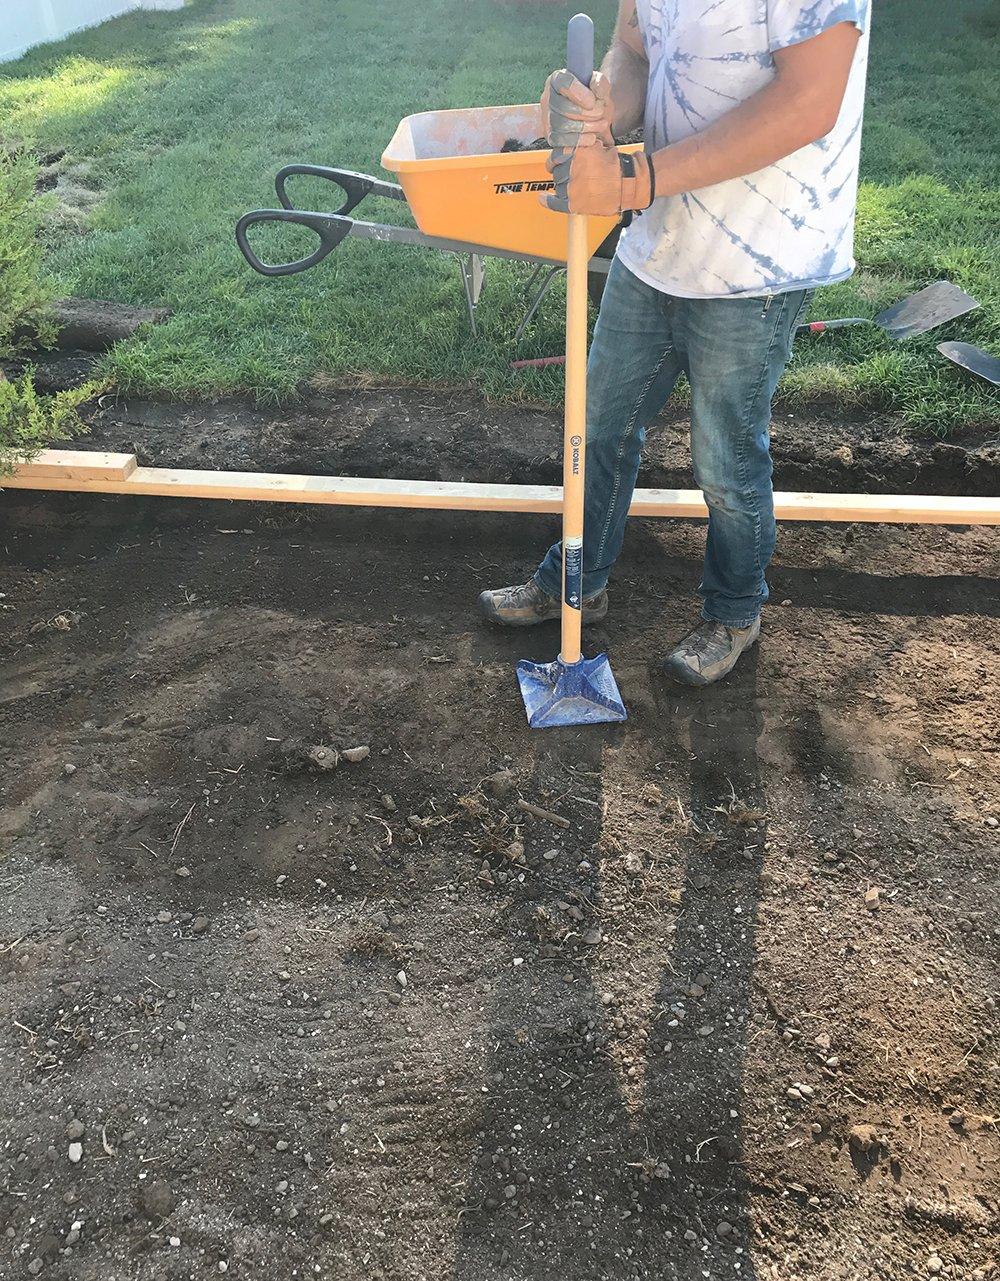 Tamping Dirt